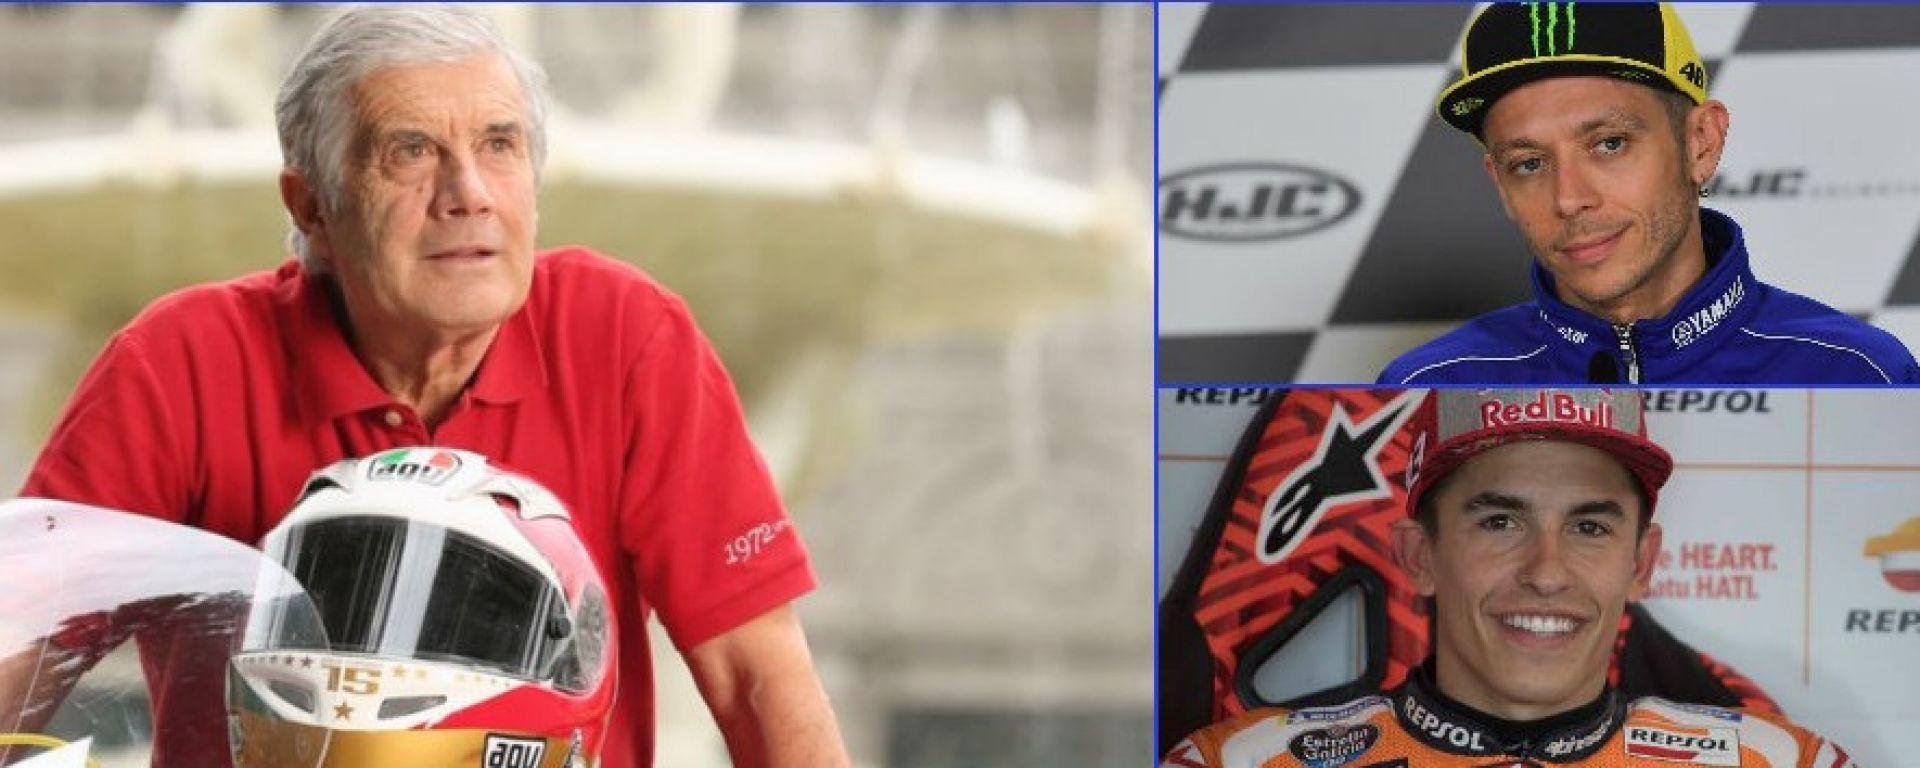 MotoGP 2018: Agostini assolve Marc Márquez